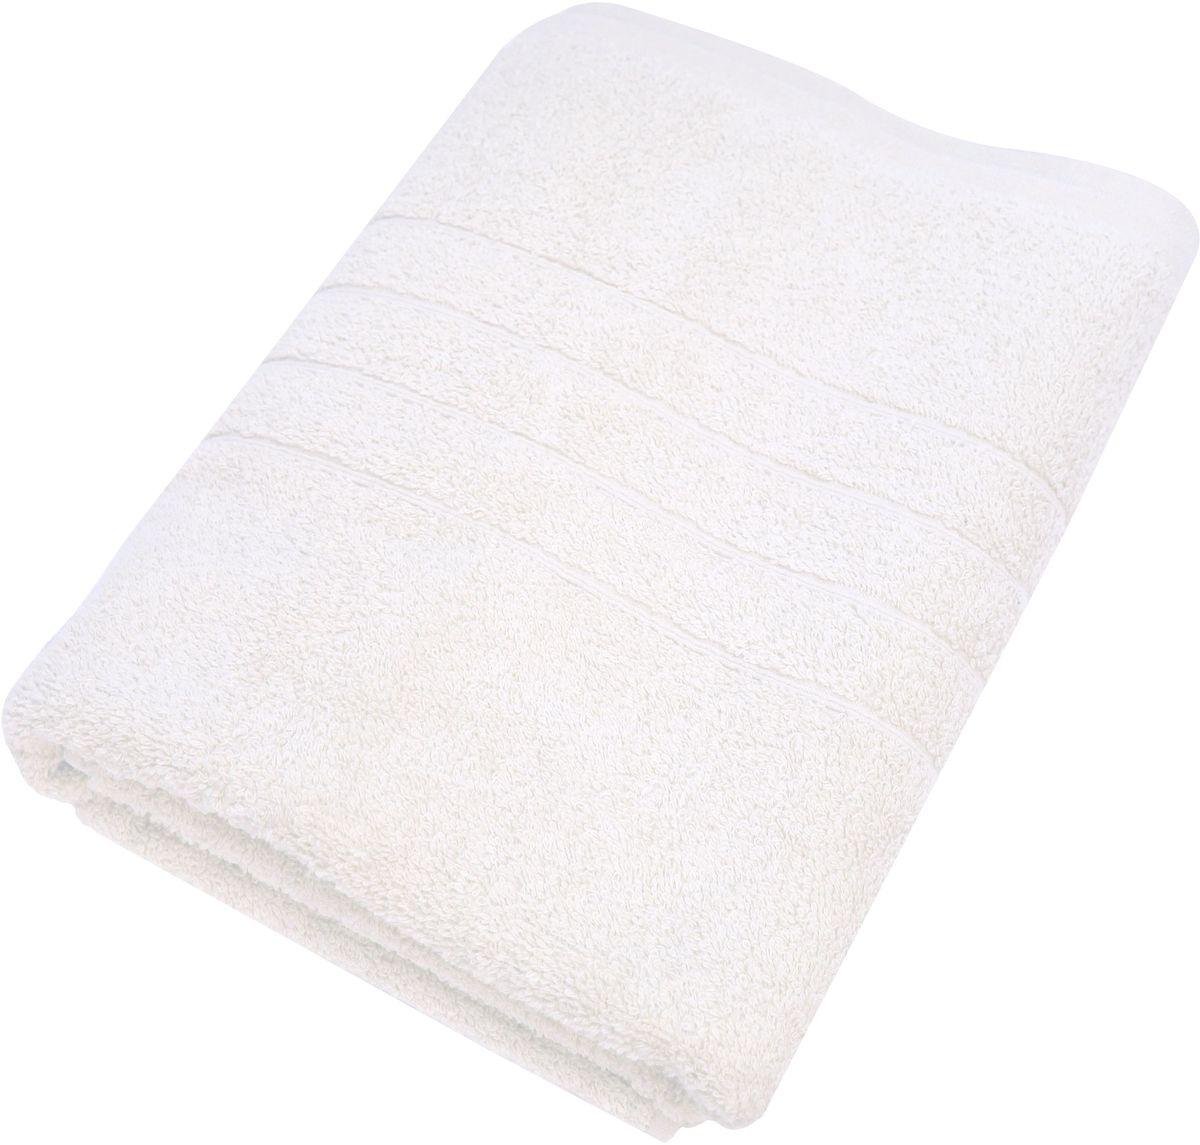 Полотенце Proffi Home Модерн, цвет: белый, 70 x 140 смPH3272Мягкое махровое полотенцеProffi Home Модернотлично впитывает влагу и быстро сохнет, приятно в него завернуться после принятия ванны или посещения сауны. Поэтому данное махровое полотенце можно использовать в качестве душевого, банного или пляжного полотенца.Состав: 100% хлопок.